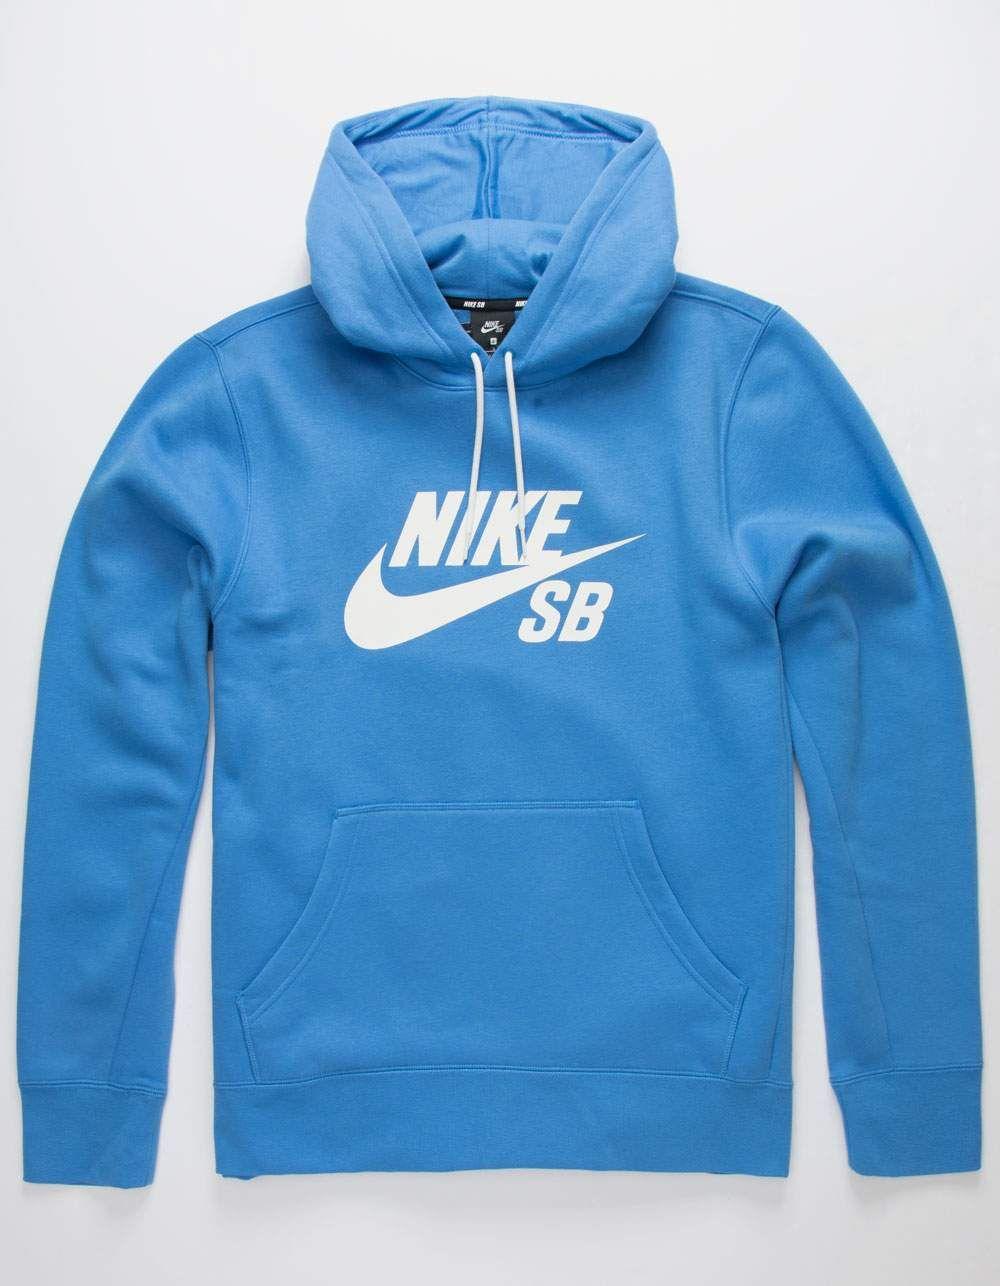 Predownload: Nike Sb Icon Ocean Mens Hoodie Ocean 325147206 Hoodies Hoodies Men Nike Hoodies Men [ 1286 x 1000 Pixel ]